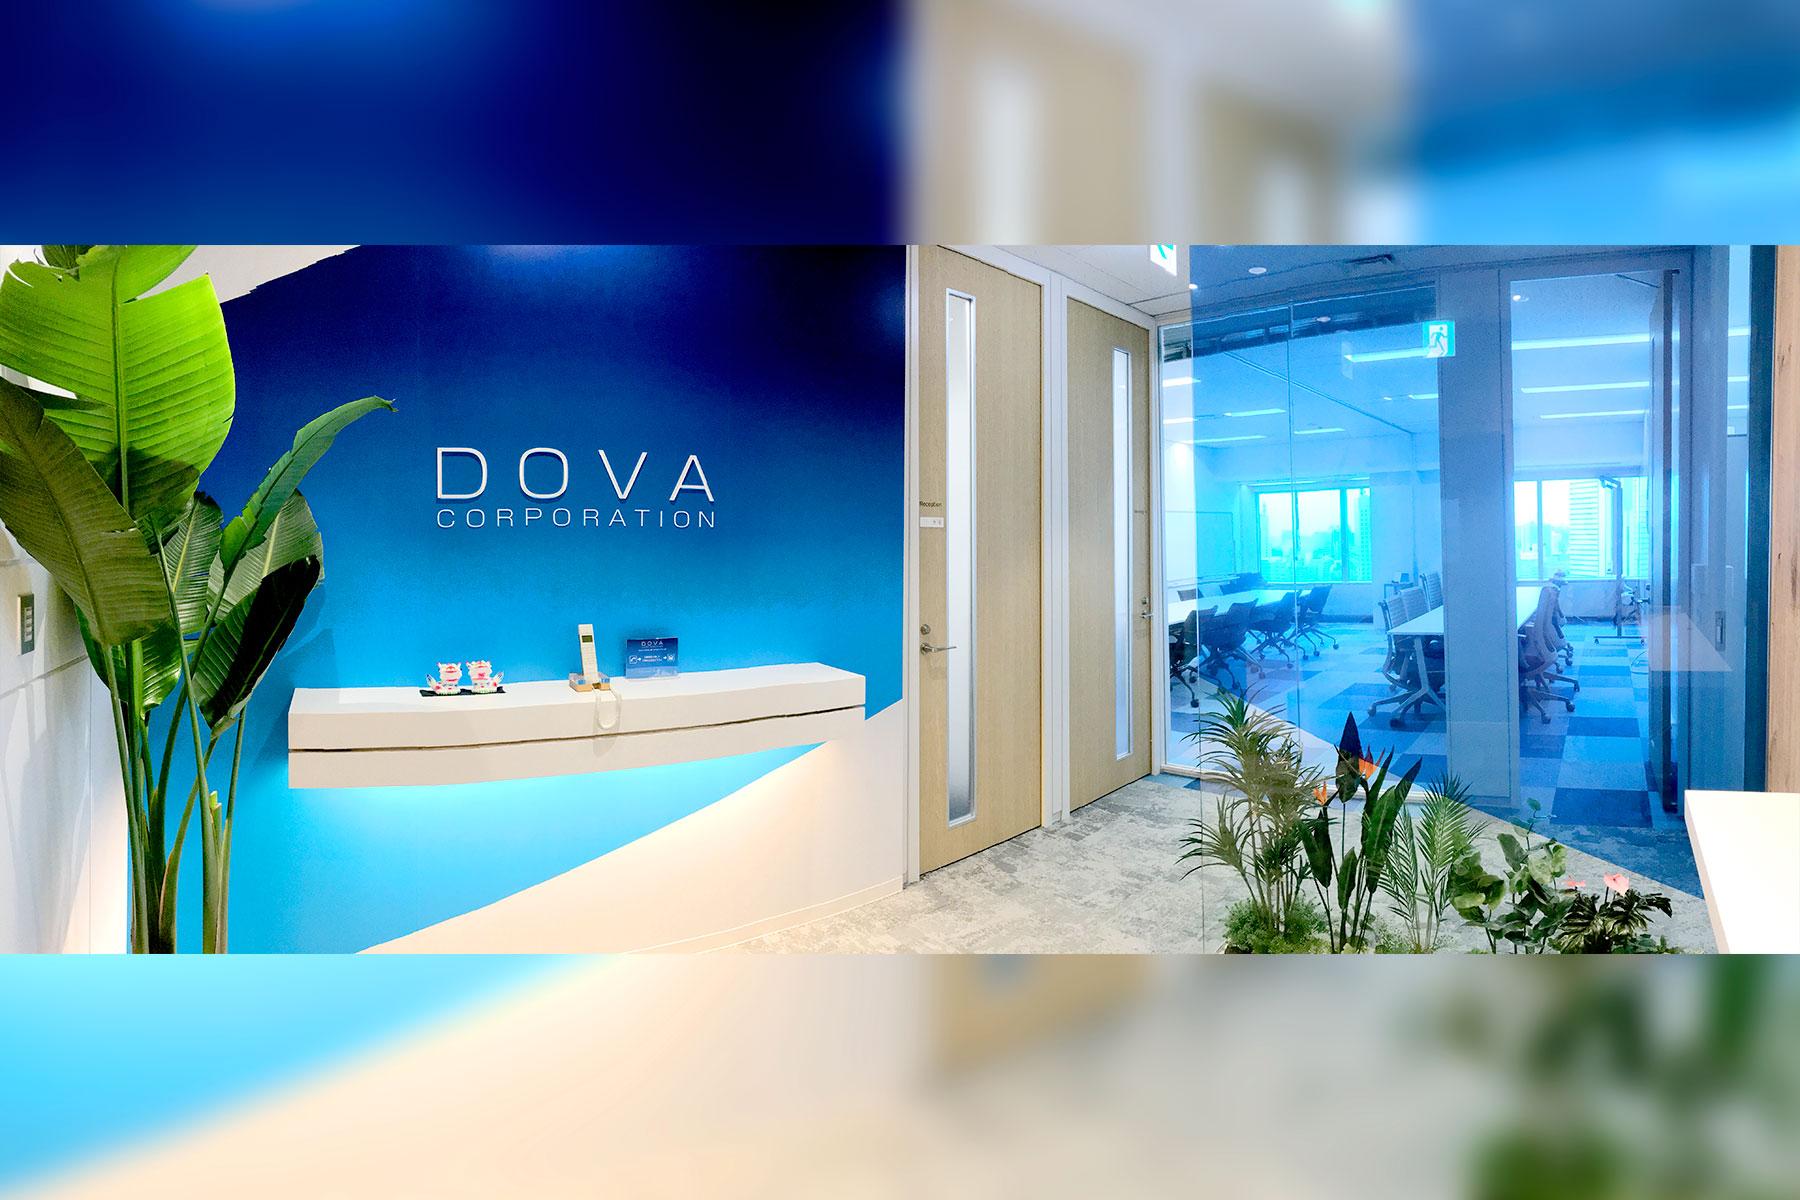 株式会社ドヴァのトップ画像